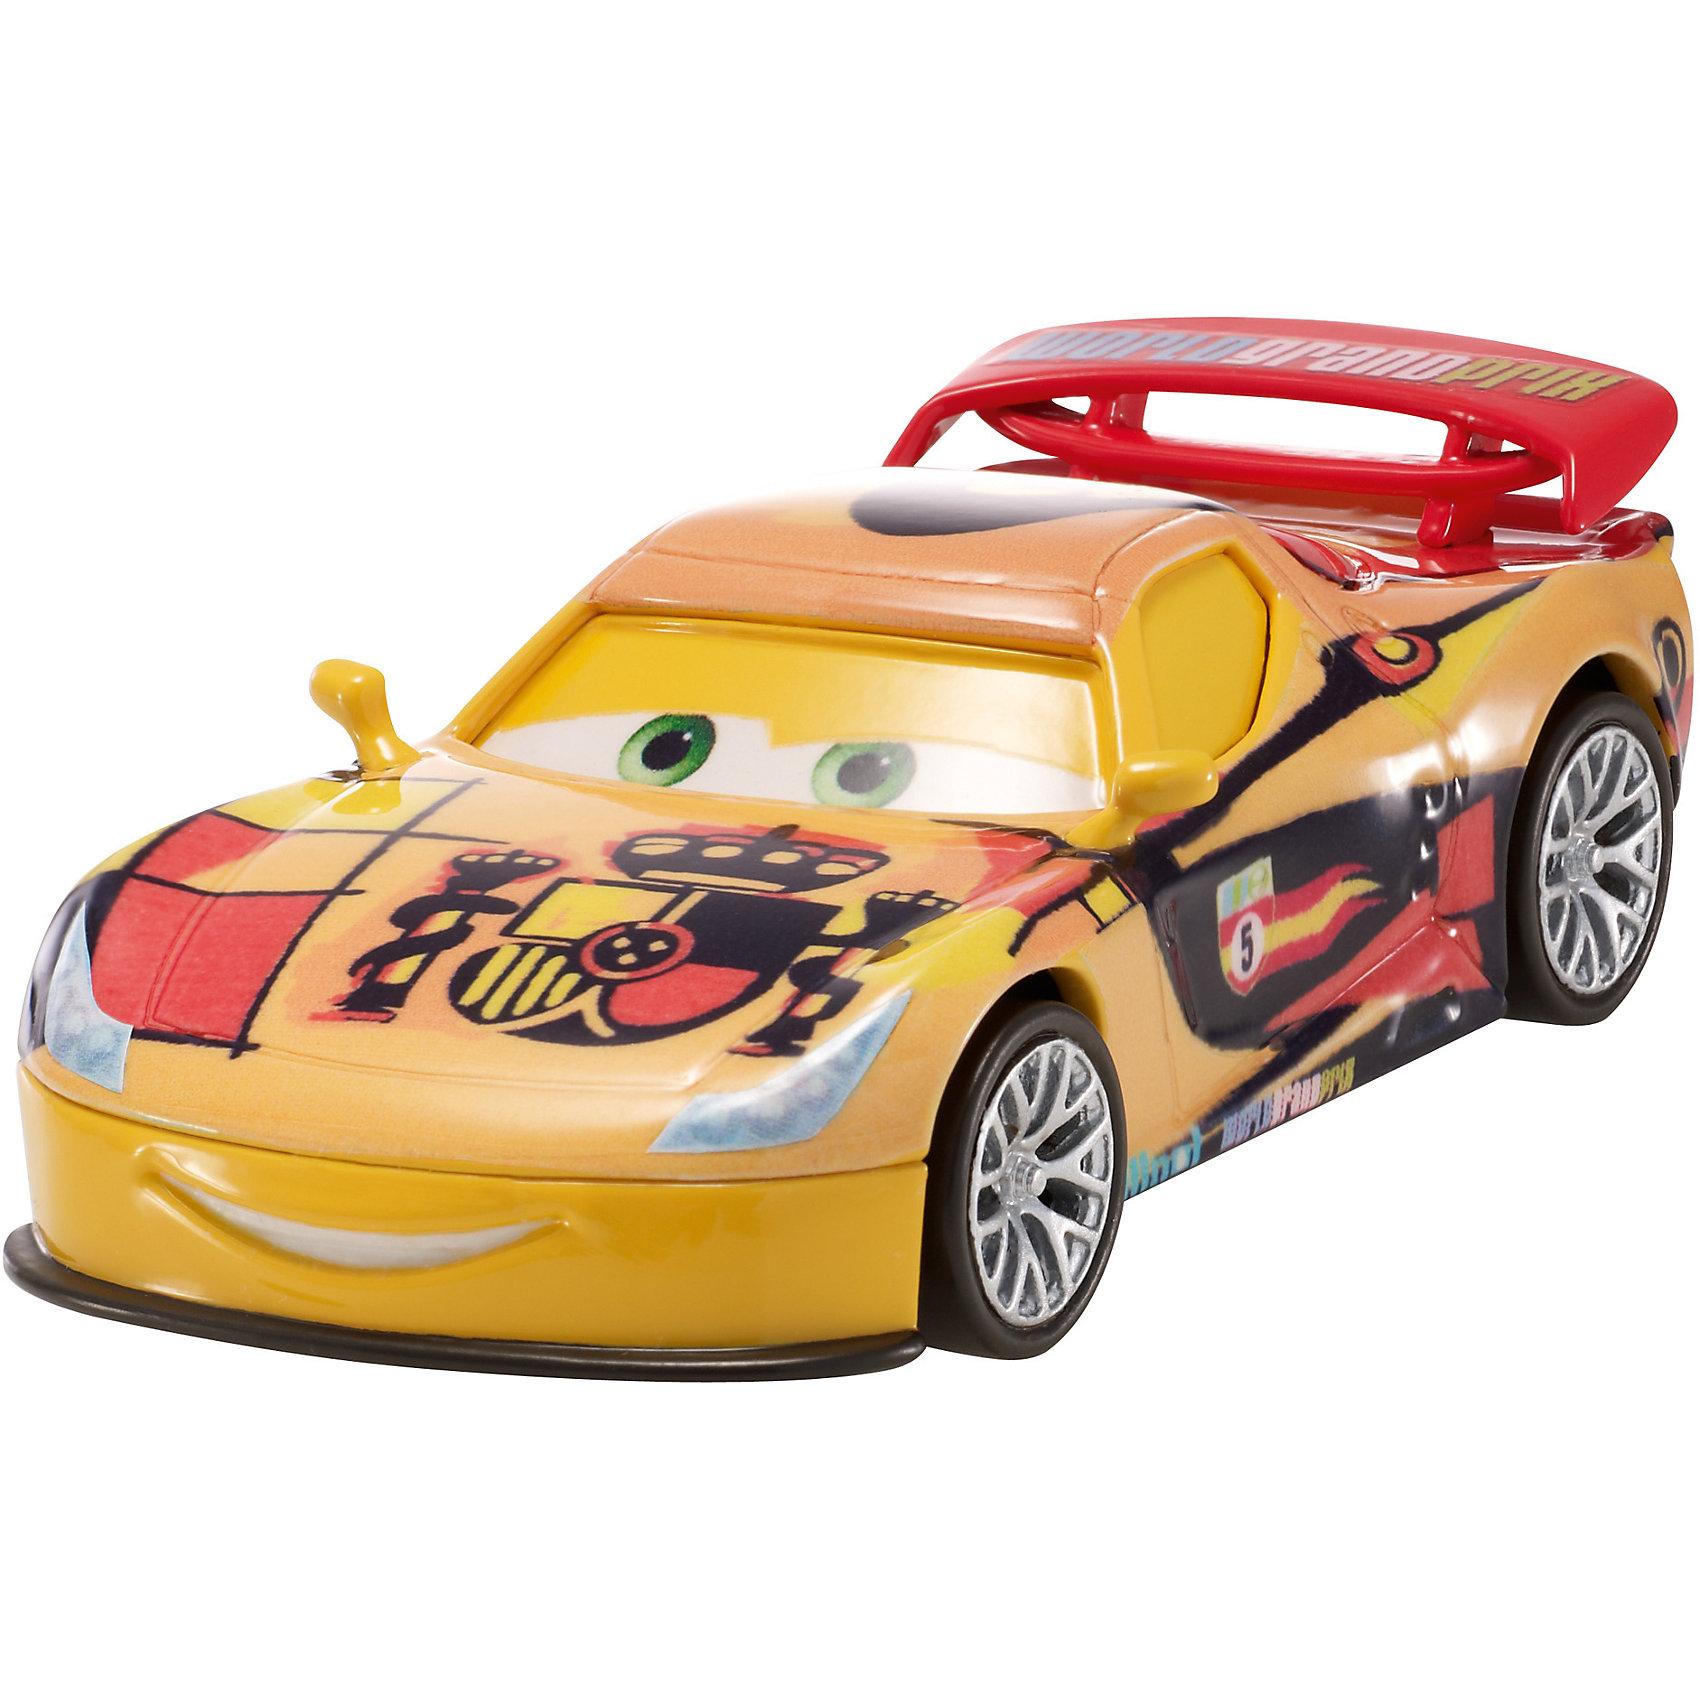 Литая машинка, Тачки-2Тачки<br>Литая машинка Делюкс от компании «Mattel» выполнена в виде главного персонажа мультфильма «Тачки 2». Изготовленная из металла в масштабе 1:55 игрушка отличается высокой степенью детализации и качеством исполнения. Завладев несколькими моделями, малыш сможет окунуться в любимый мультипликационный мир, устроить красочные показательные выступления среди машинок-киногероев.<br><br>Дополнительная информация:<br><br>- Материал: металл<br>- В упаковке: 1 шт.<br>- Размер машинки: 8 см.<br><br>Литую машинку, Тачки-2 можно купить в нашем магазине.<br><br>Ширина мм: 135<br>Глубина мм: 45<br>Высота мм: 160<br>Вес г: 80<br>Возраст от месяцев: 36<br>Возраст до месяцев: 72<br>Пол: Мужской<br>Возраст: Детский<br>SKU: 5015759